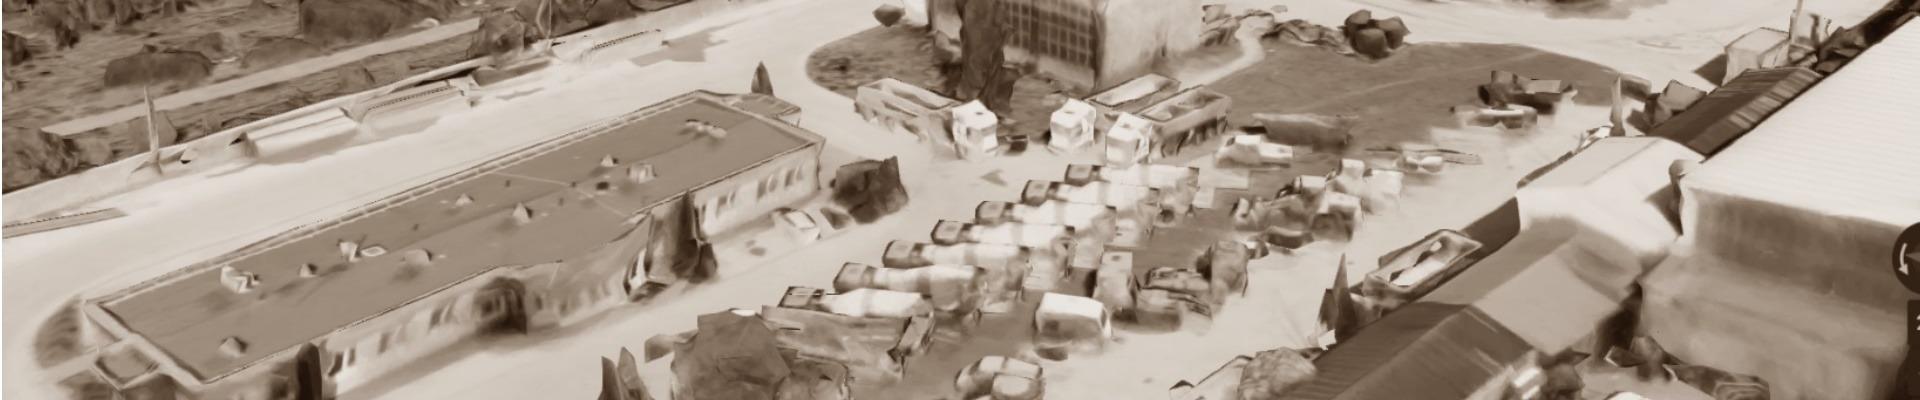 Warsztat pojazdów ciężarowych i naczep